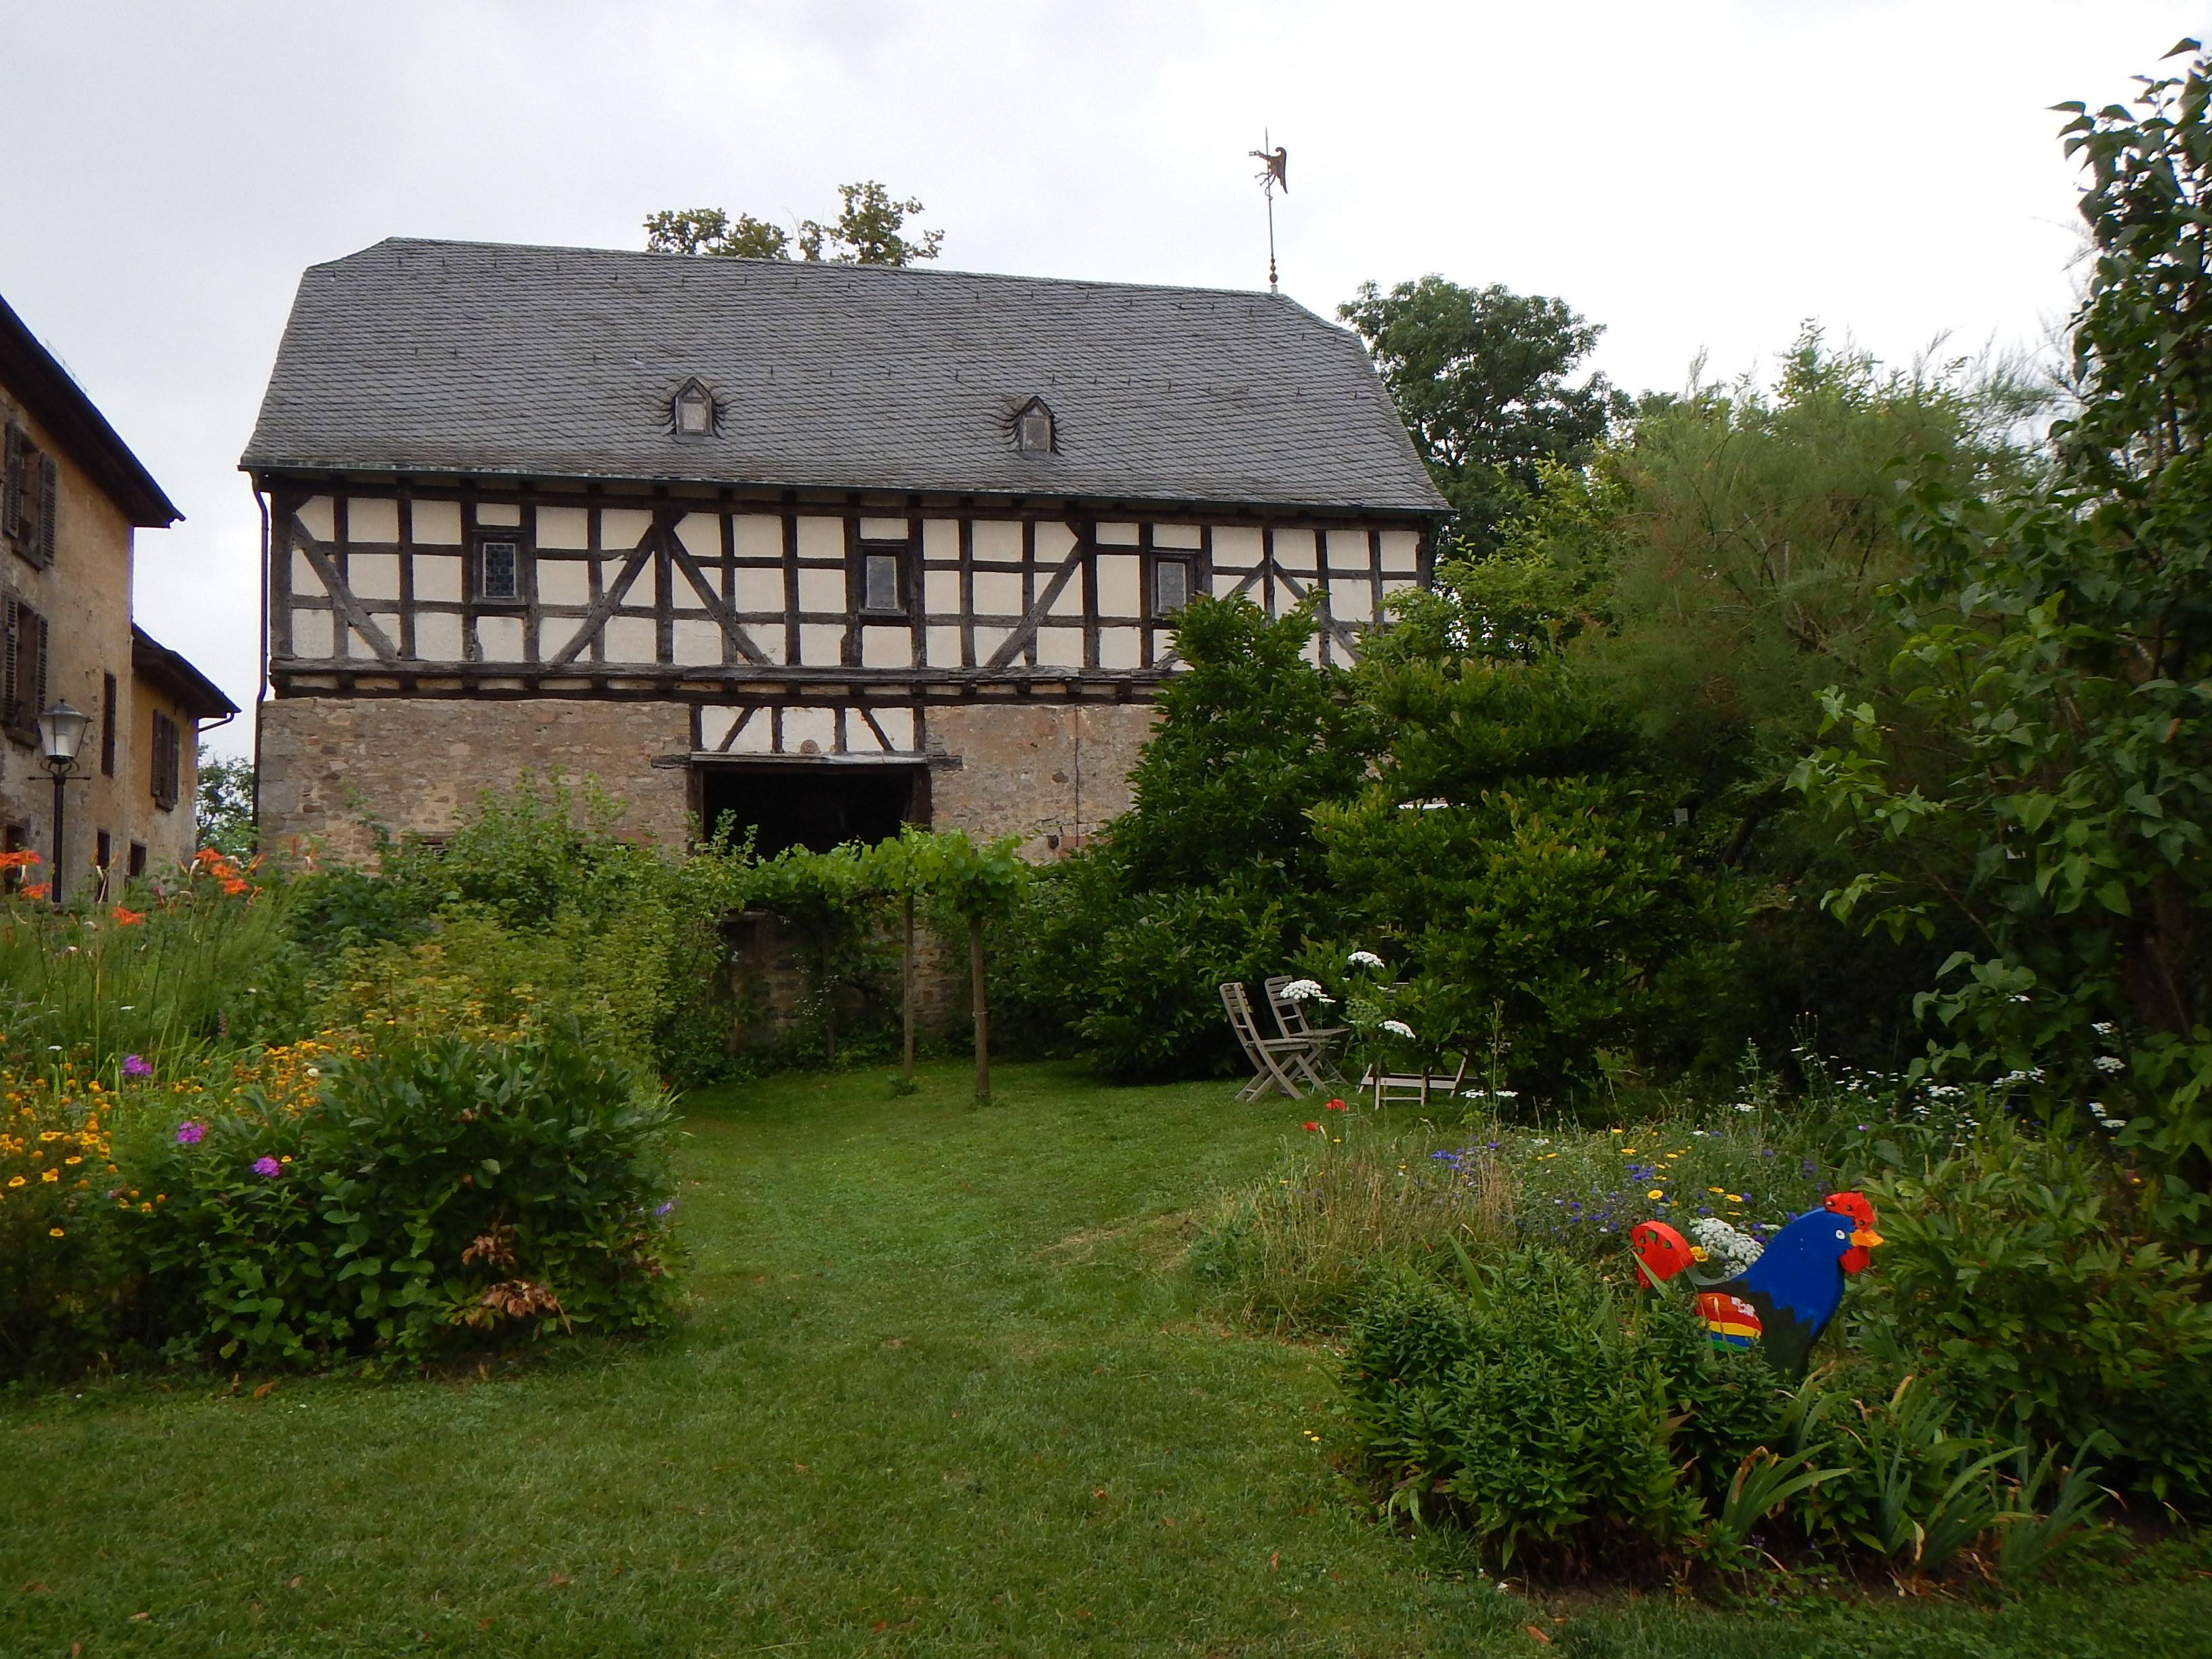 2016-07-28_Château_Homberg_2